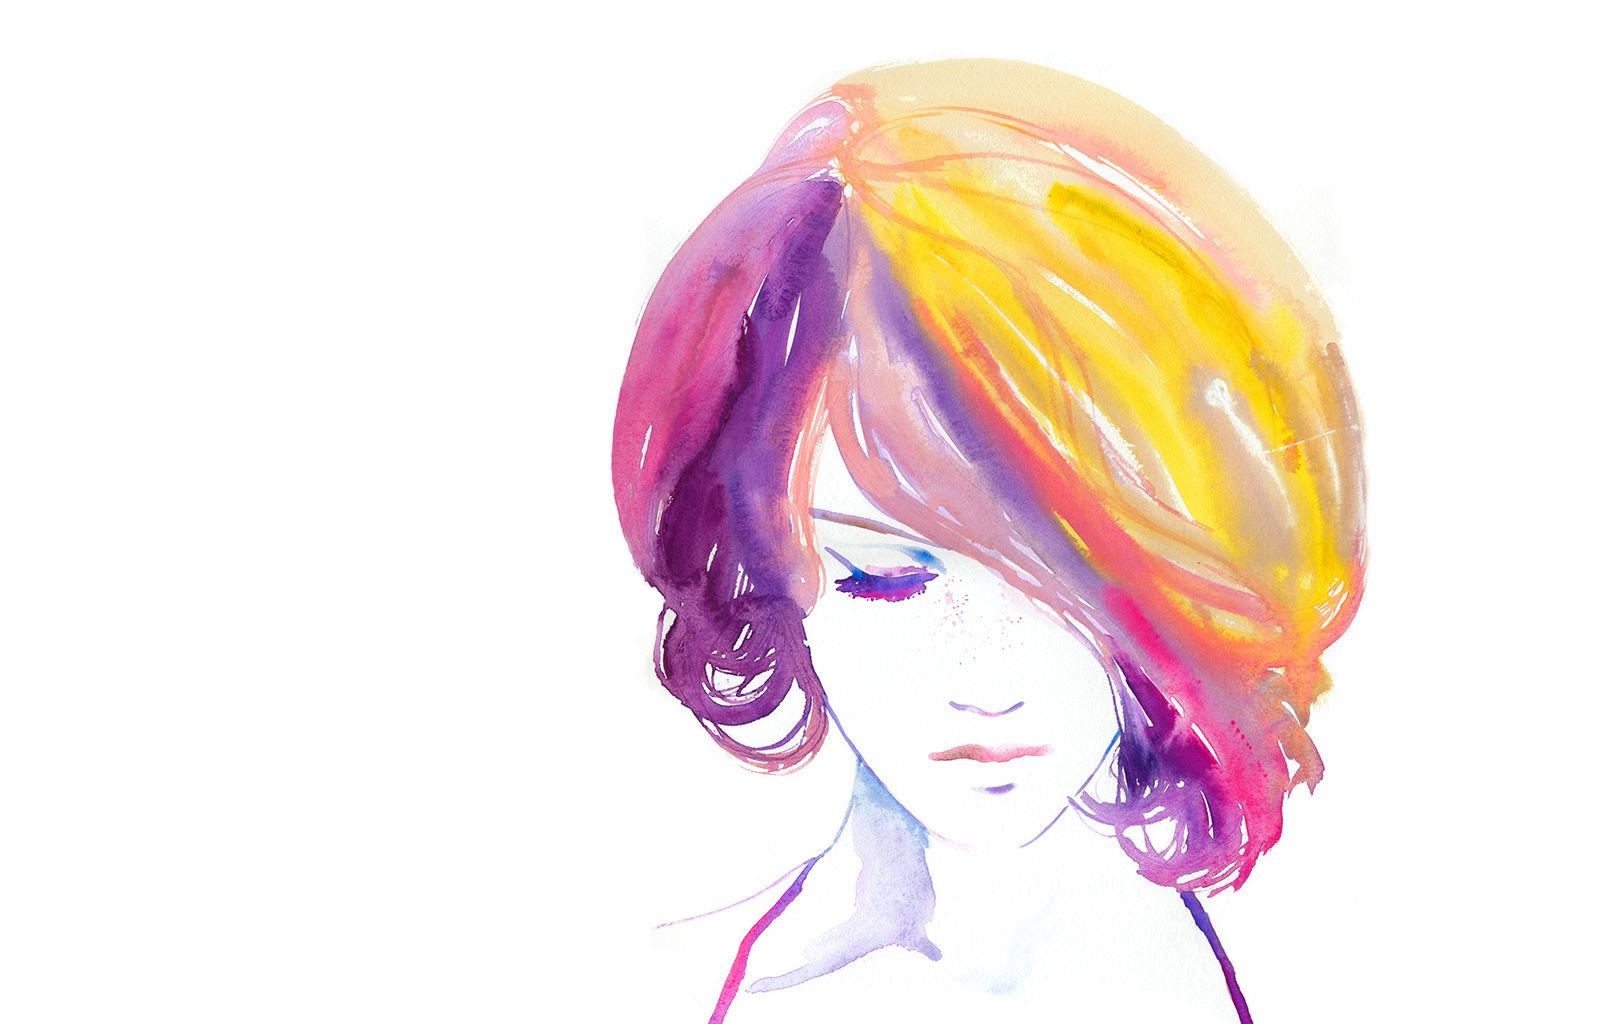 adult acne self-esteem self-confidence beauty